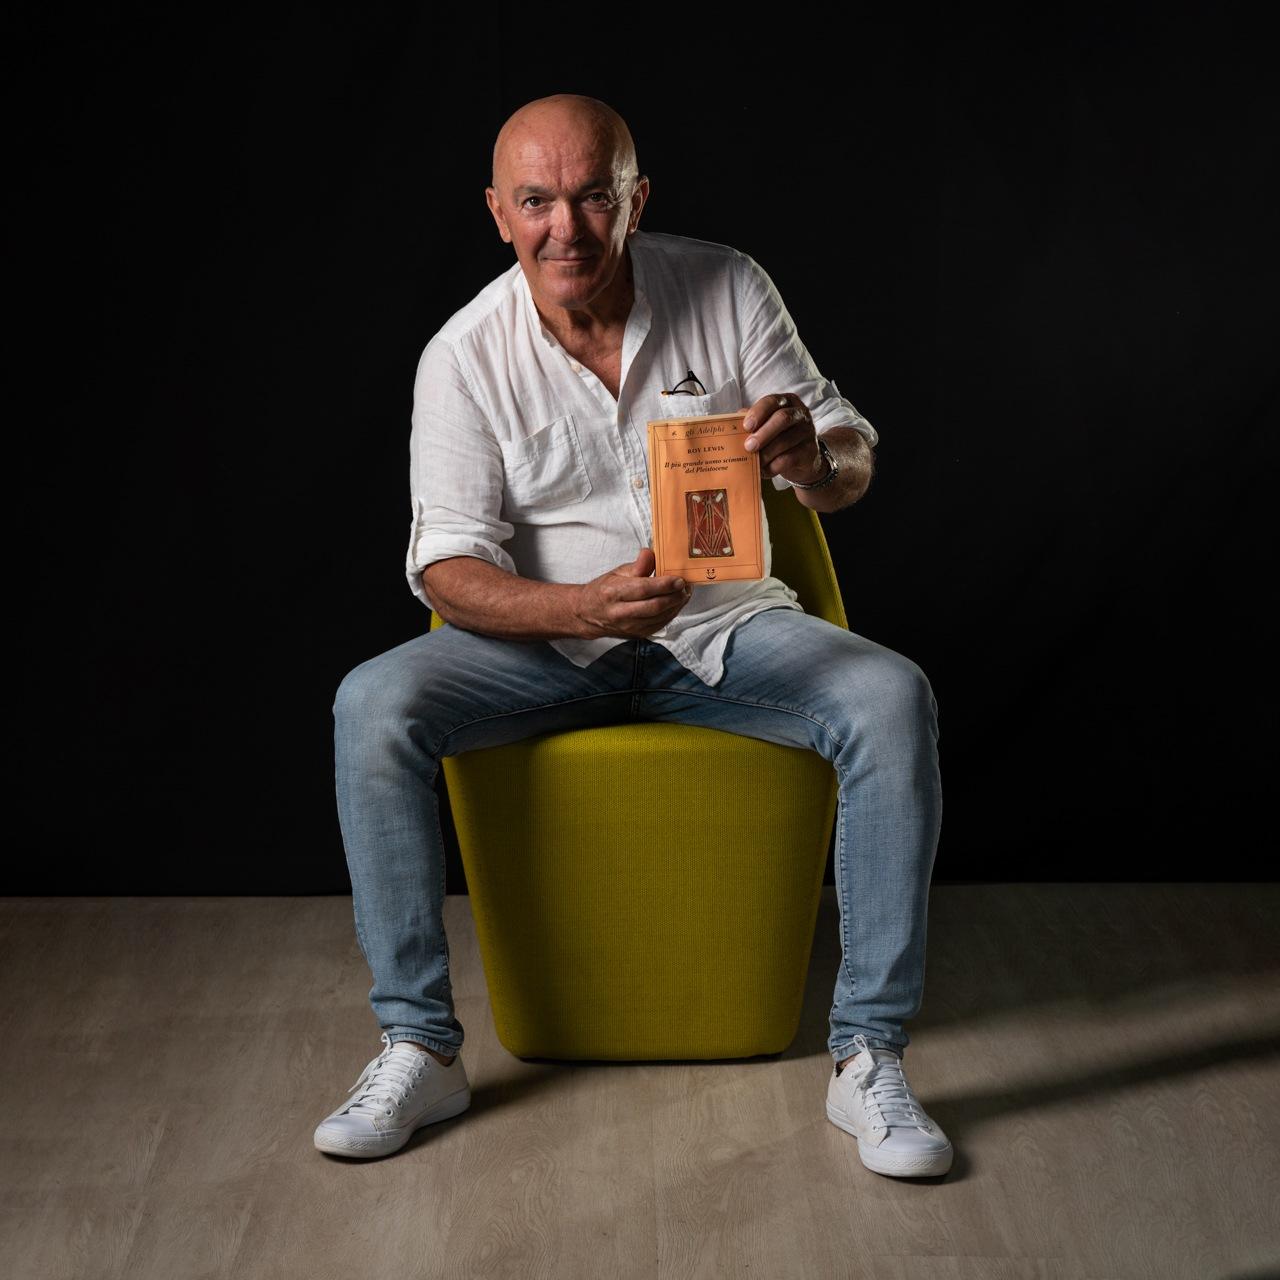 #INCIPIT - FOTO D'AUTORE IN BIBLIOTECA - Fotografia di Massimiliano Ferrari Brescia